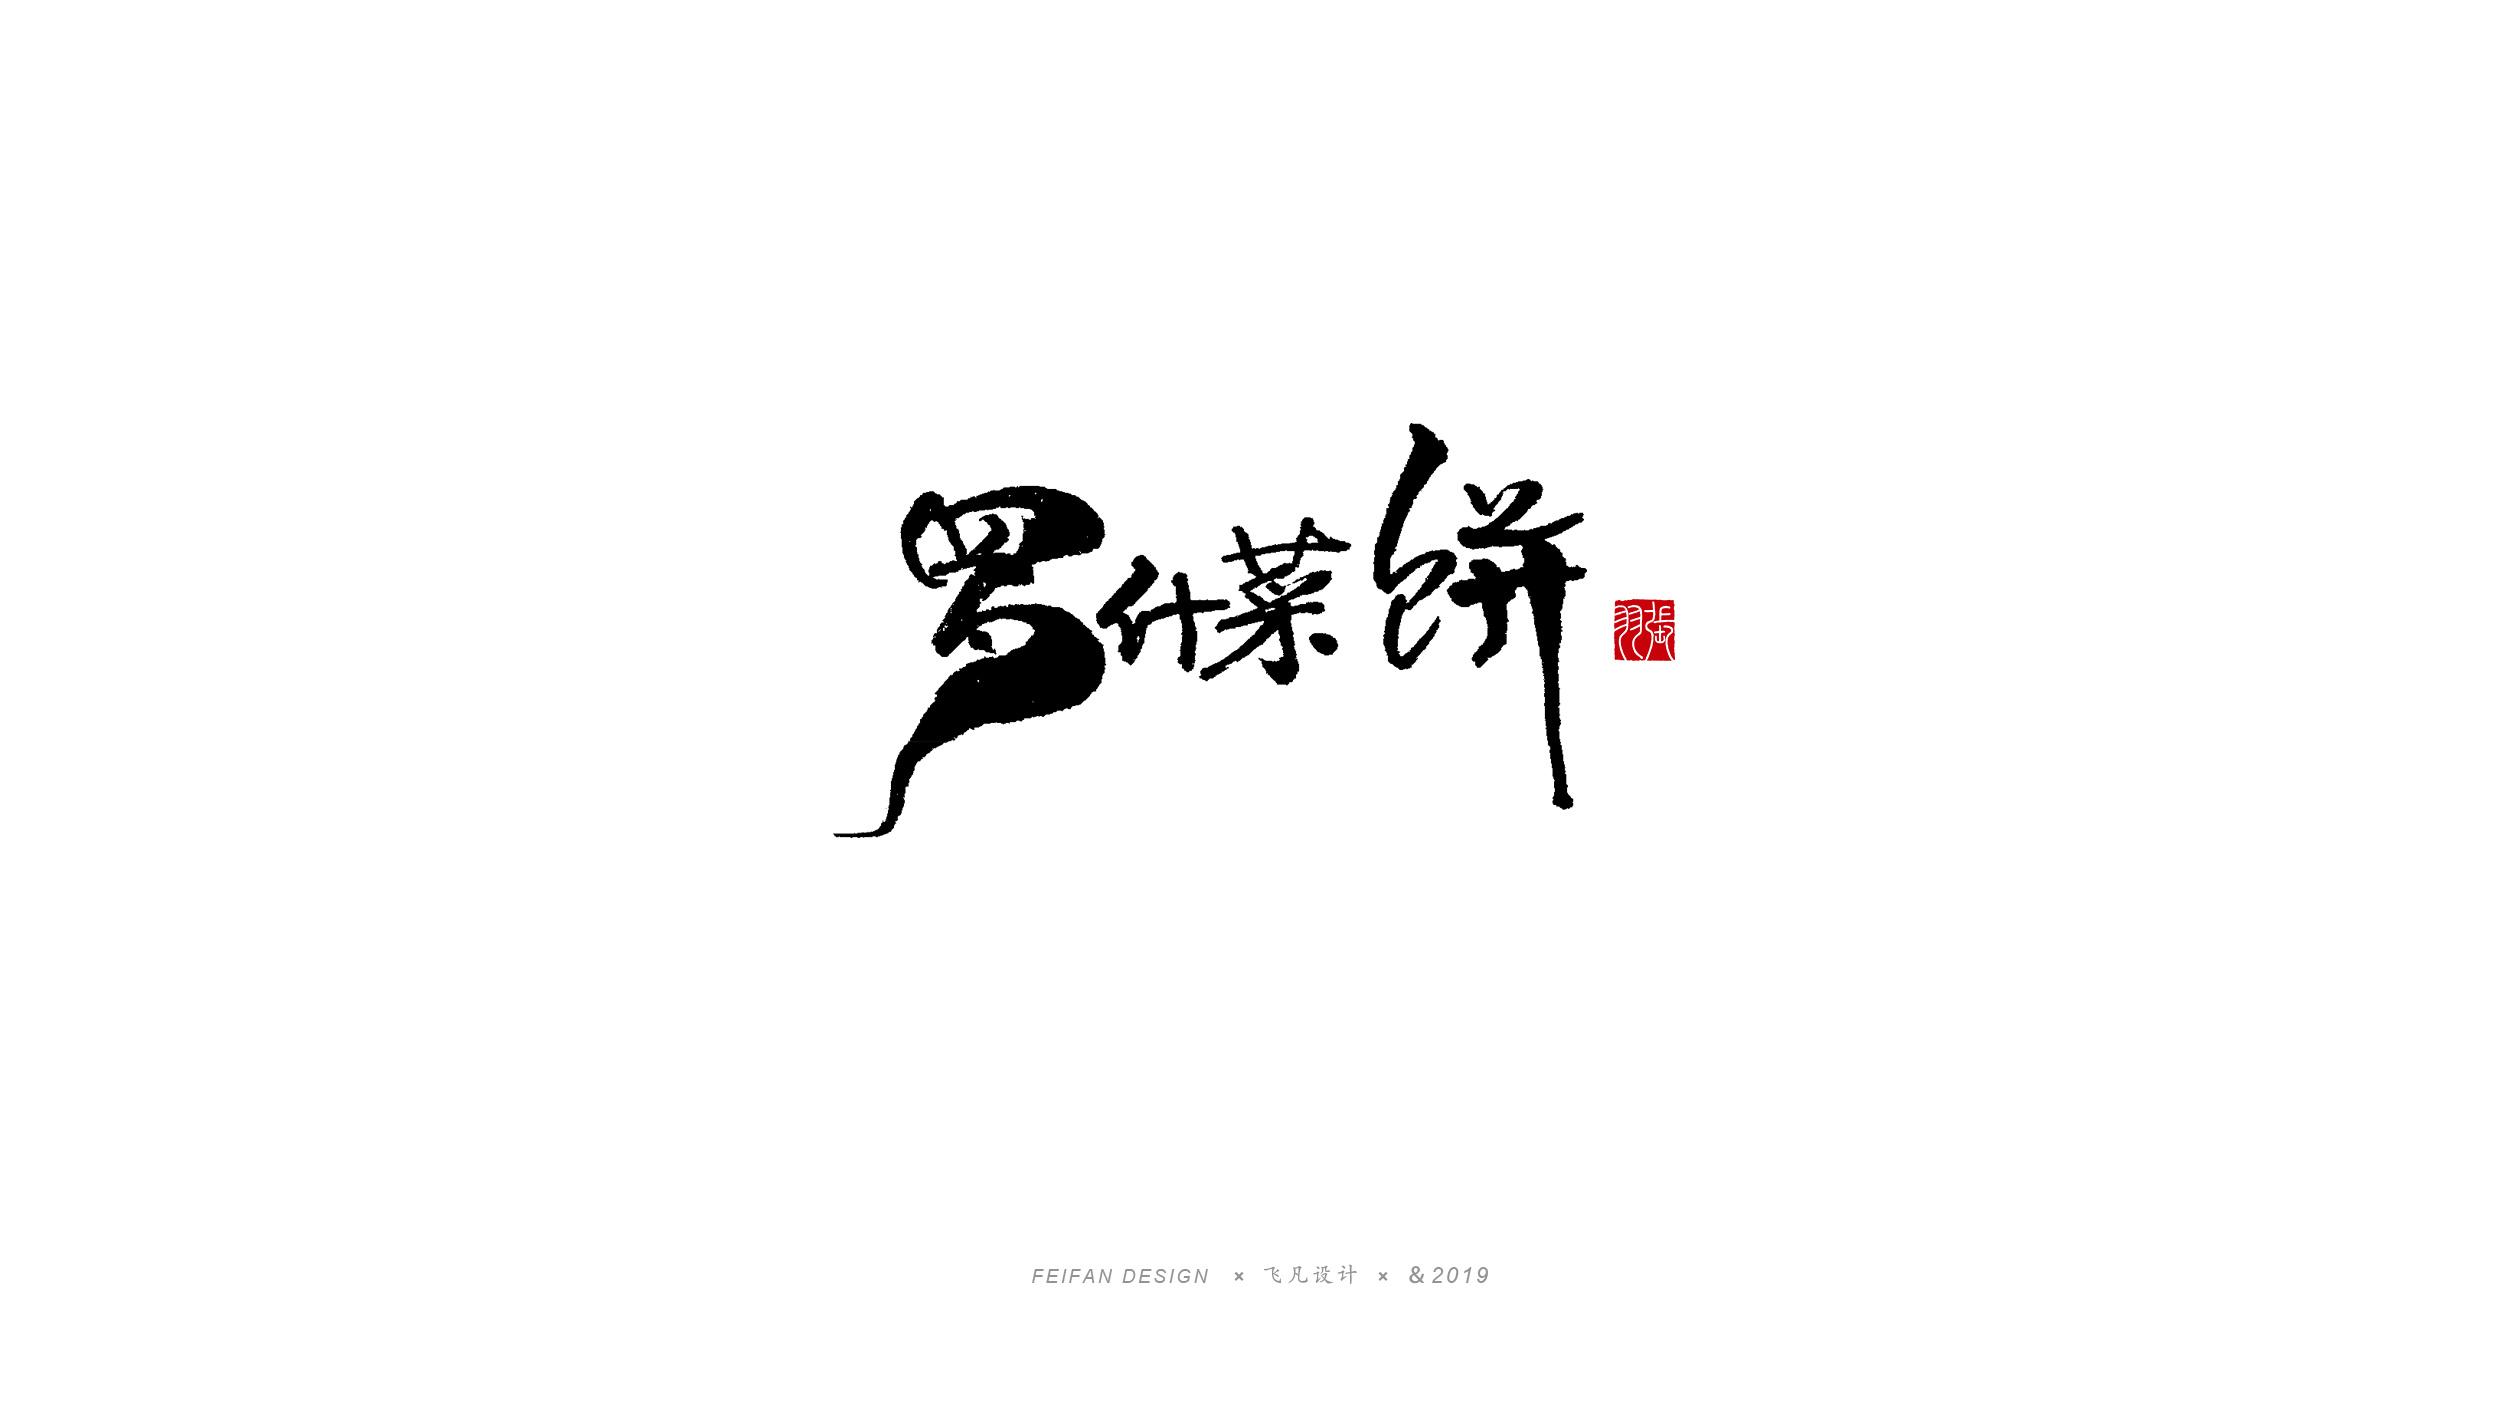 【飞凡书写第13篇】-贺站酷13周岁生日快乐图片